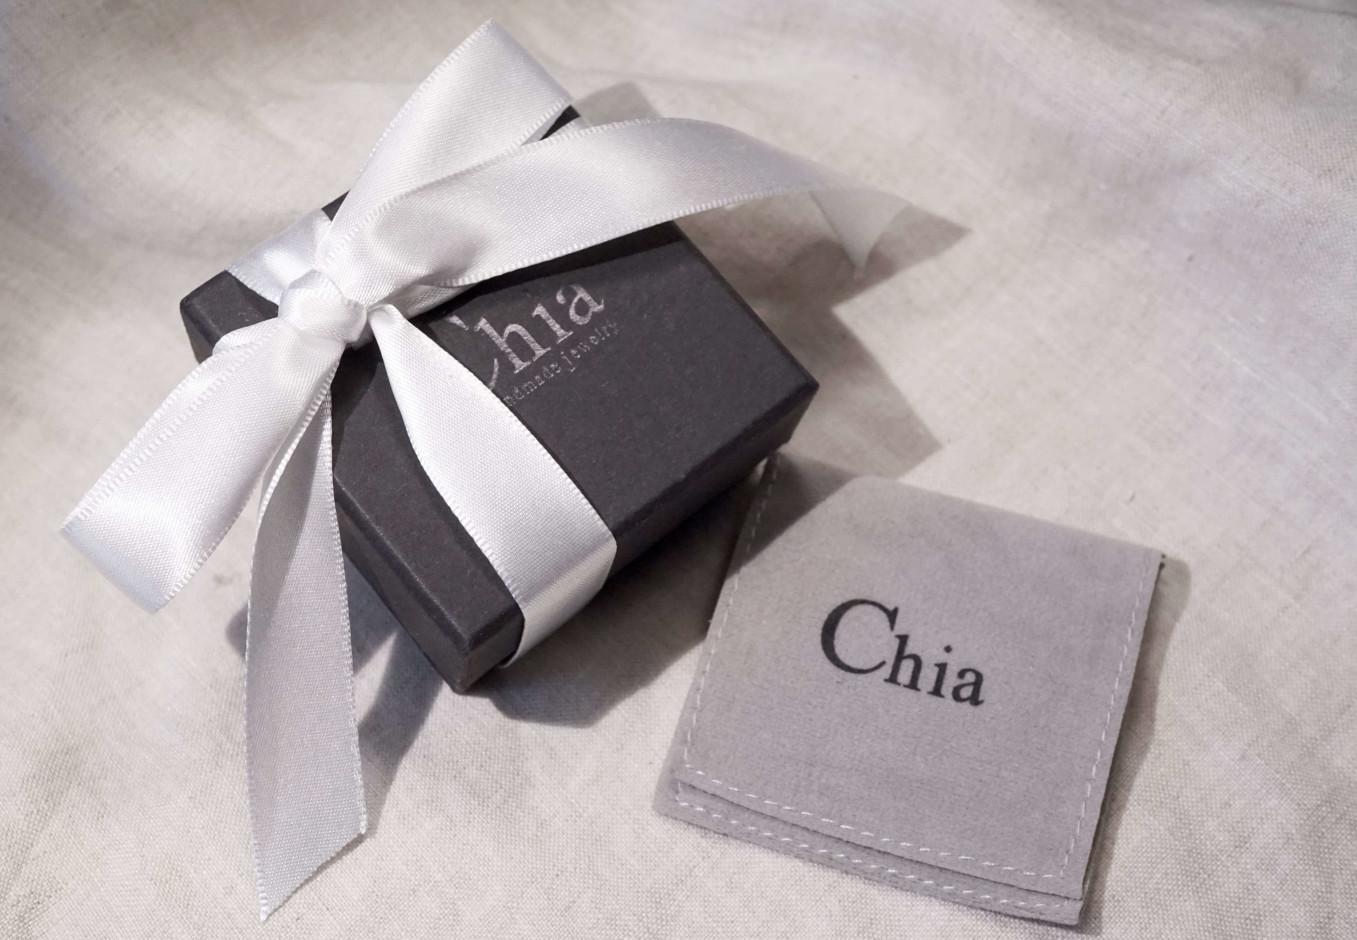 chia jewelry珠寶飾品銀飾包裝珠寶包裝盒珠寶飾品禮物盒飾品送禮物